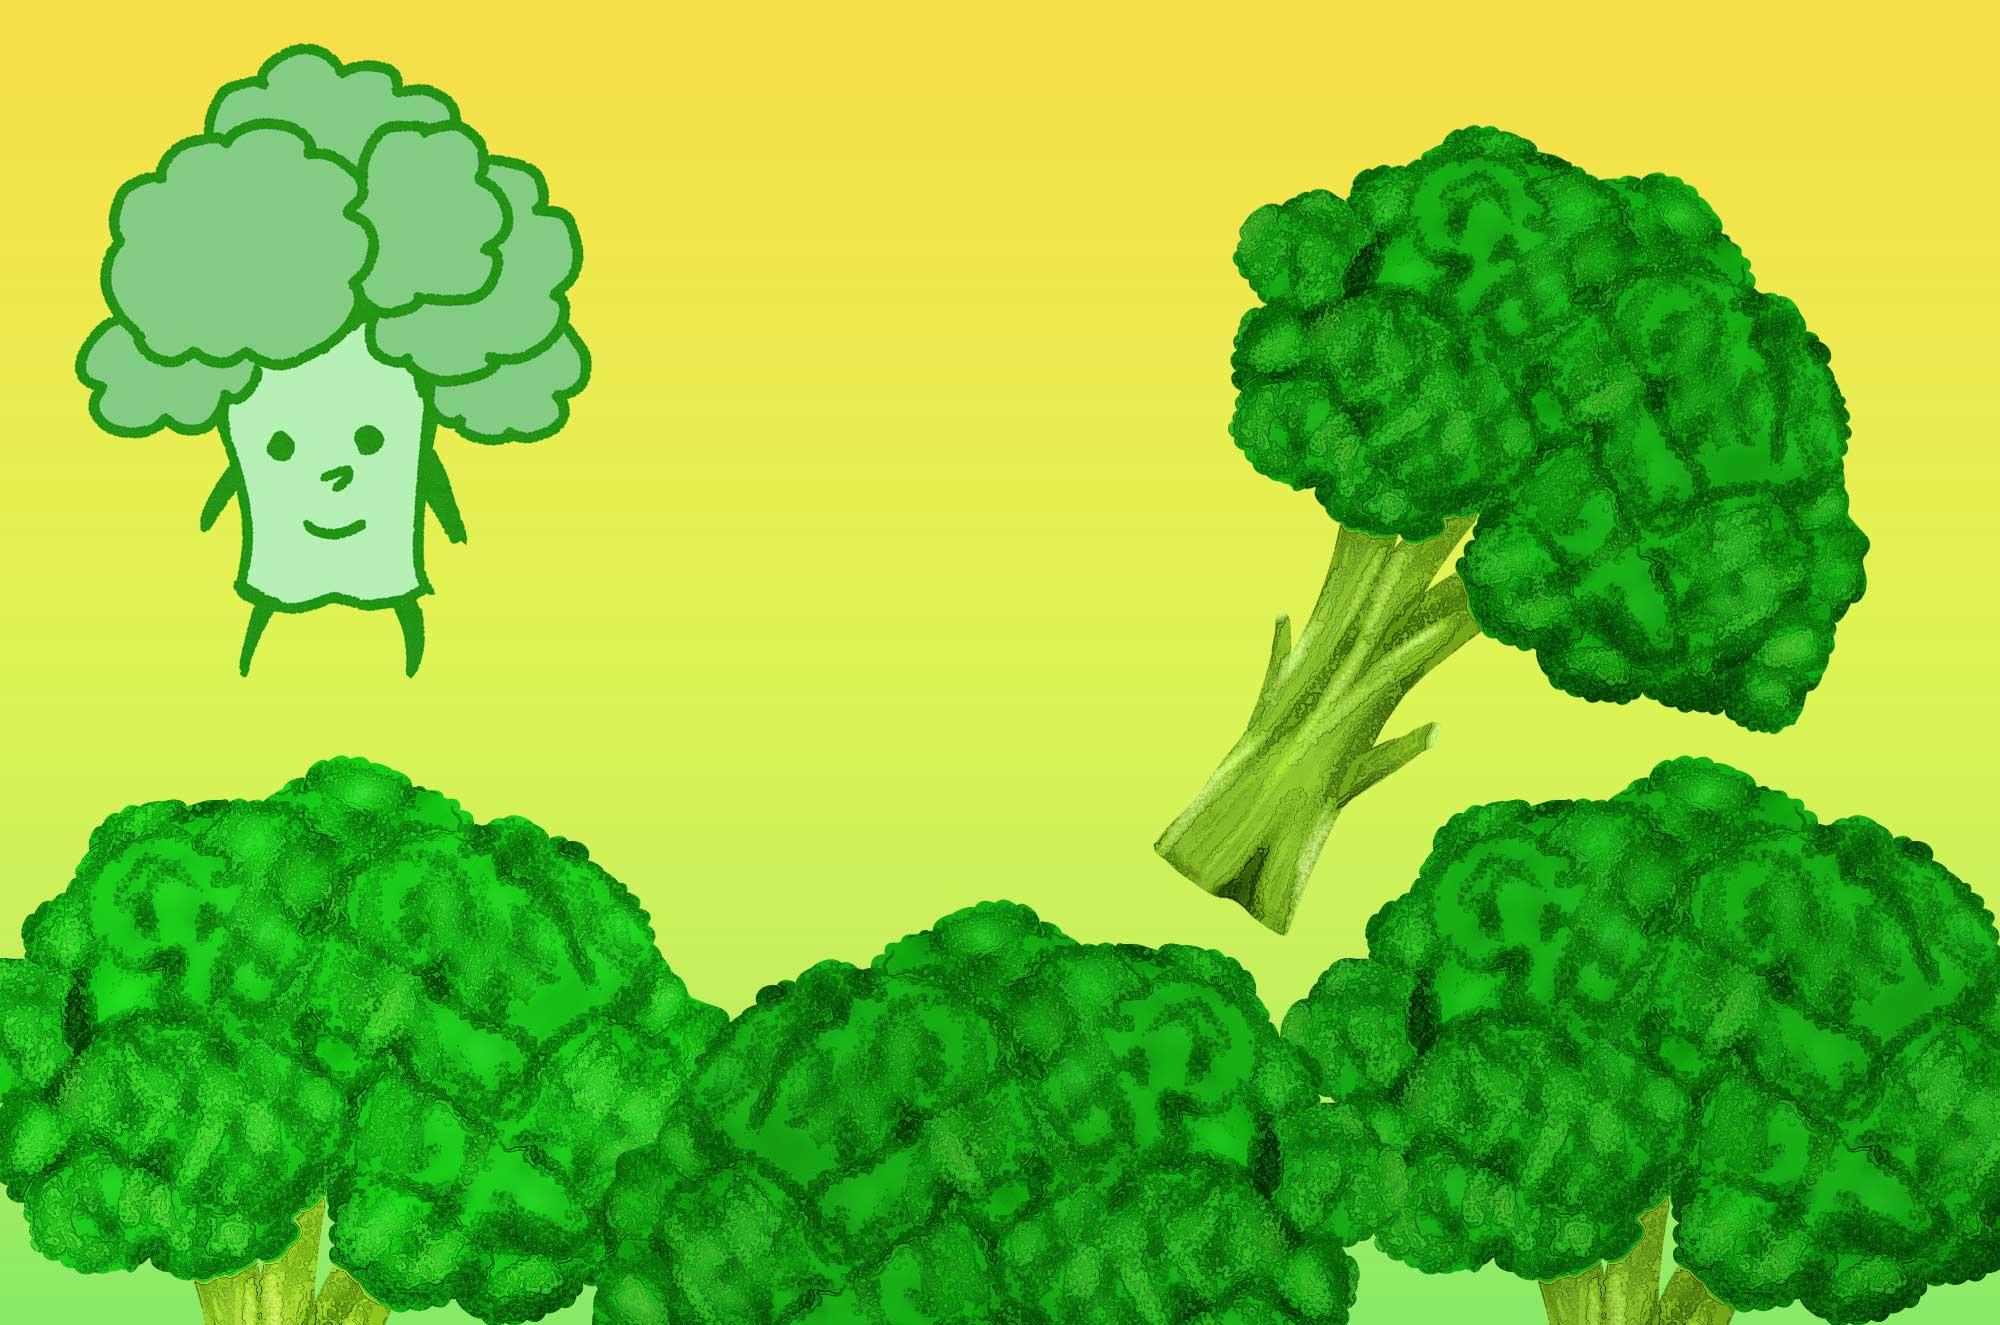 ブロッコリーイラスト素材 - 無料で使える野菜の画像